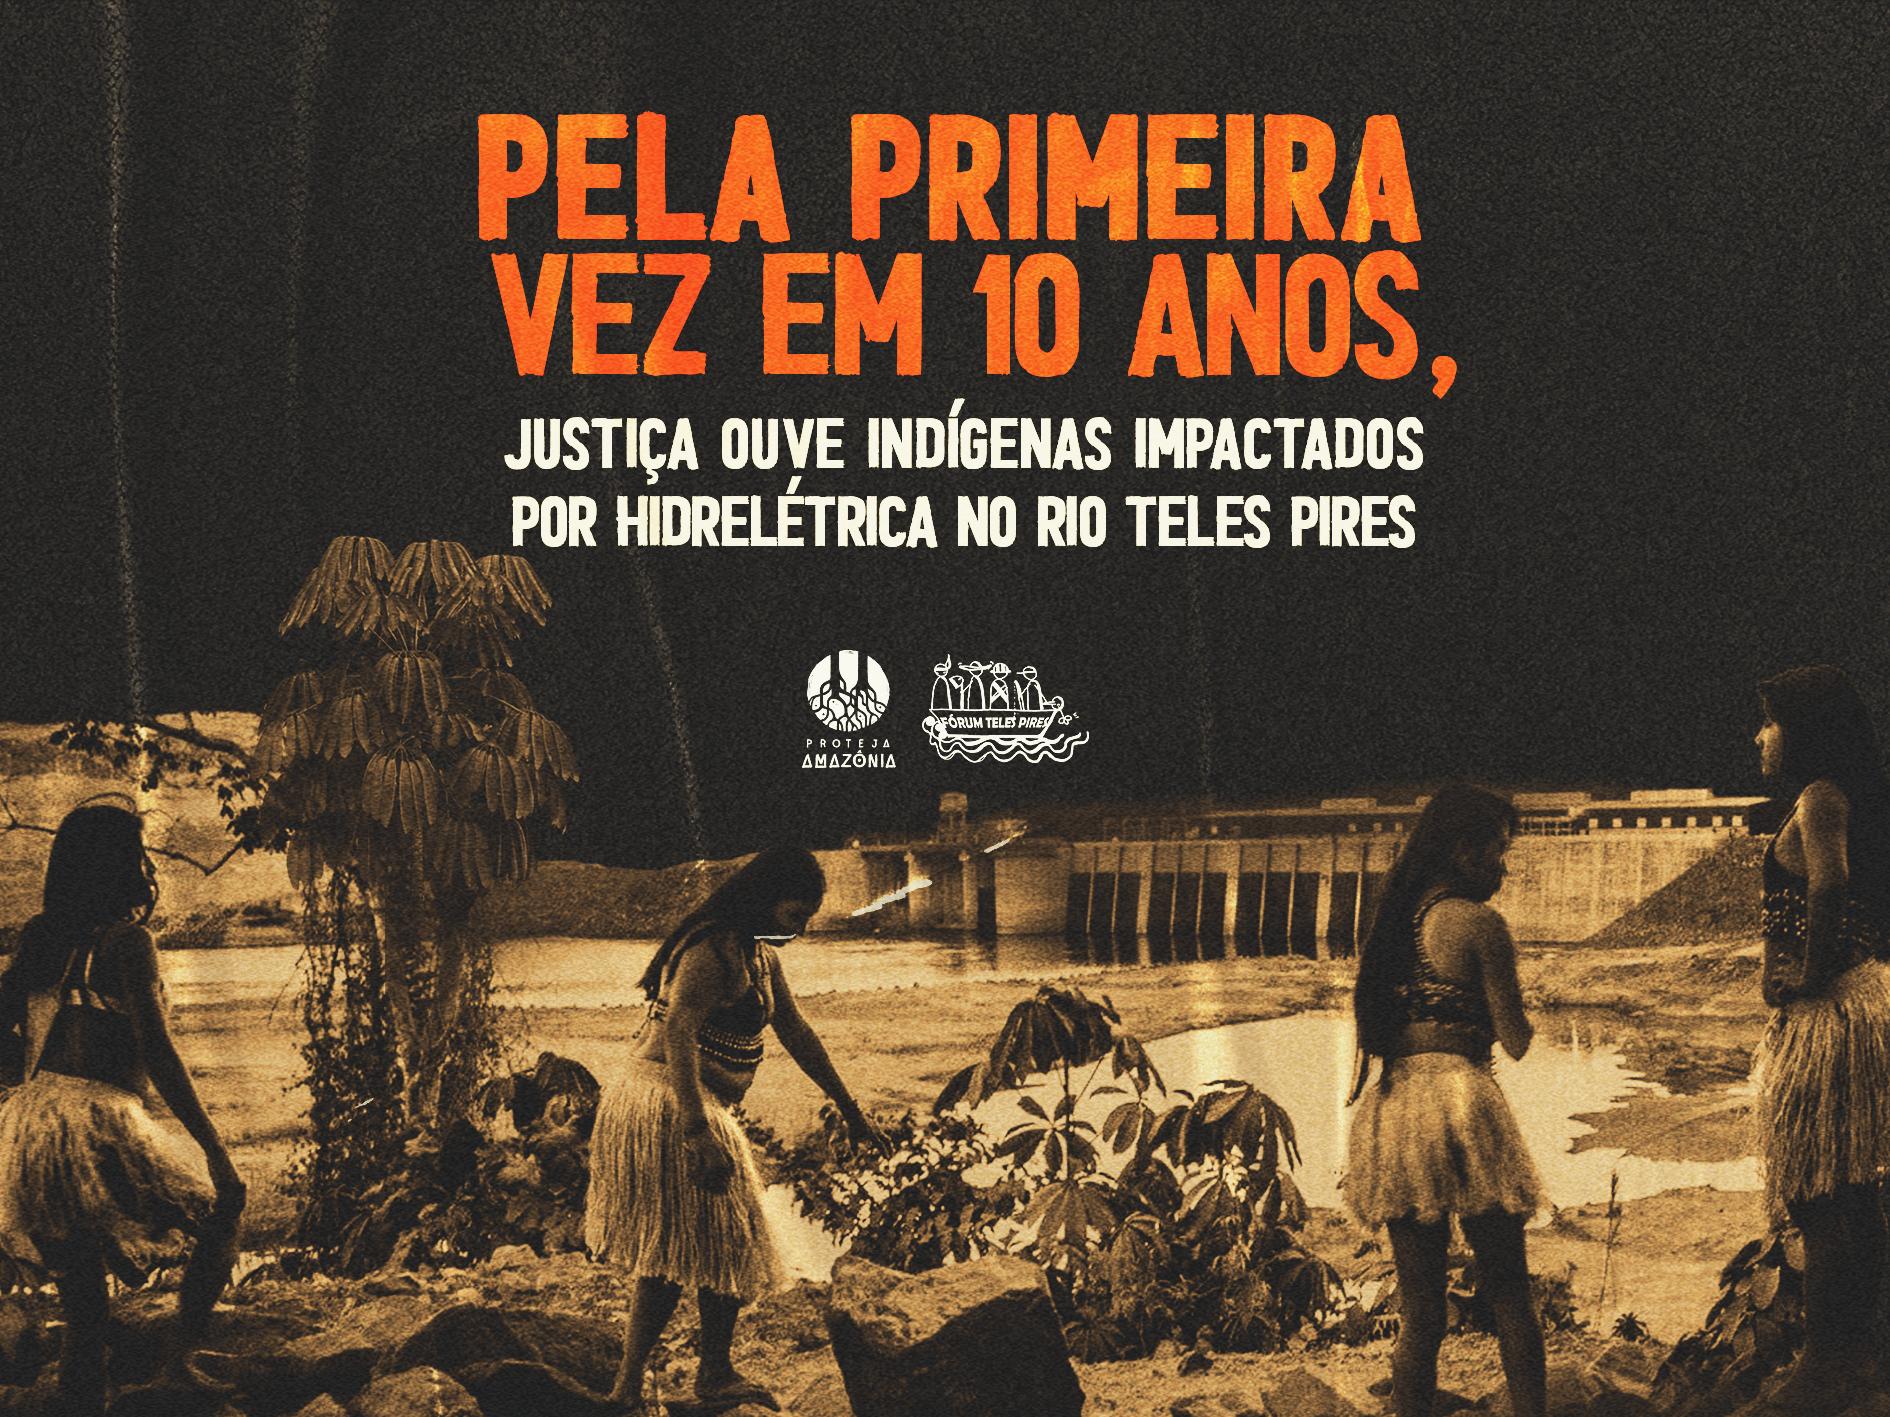 Pela primeira vez em 10 anos, justiça ouve indígenas impactados por Hidrelétrica no rio Teles Pires.